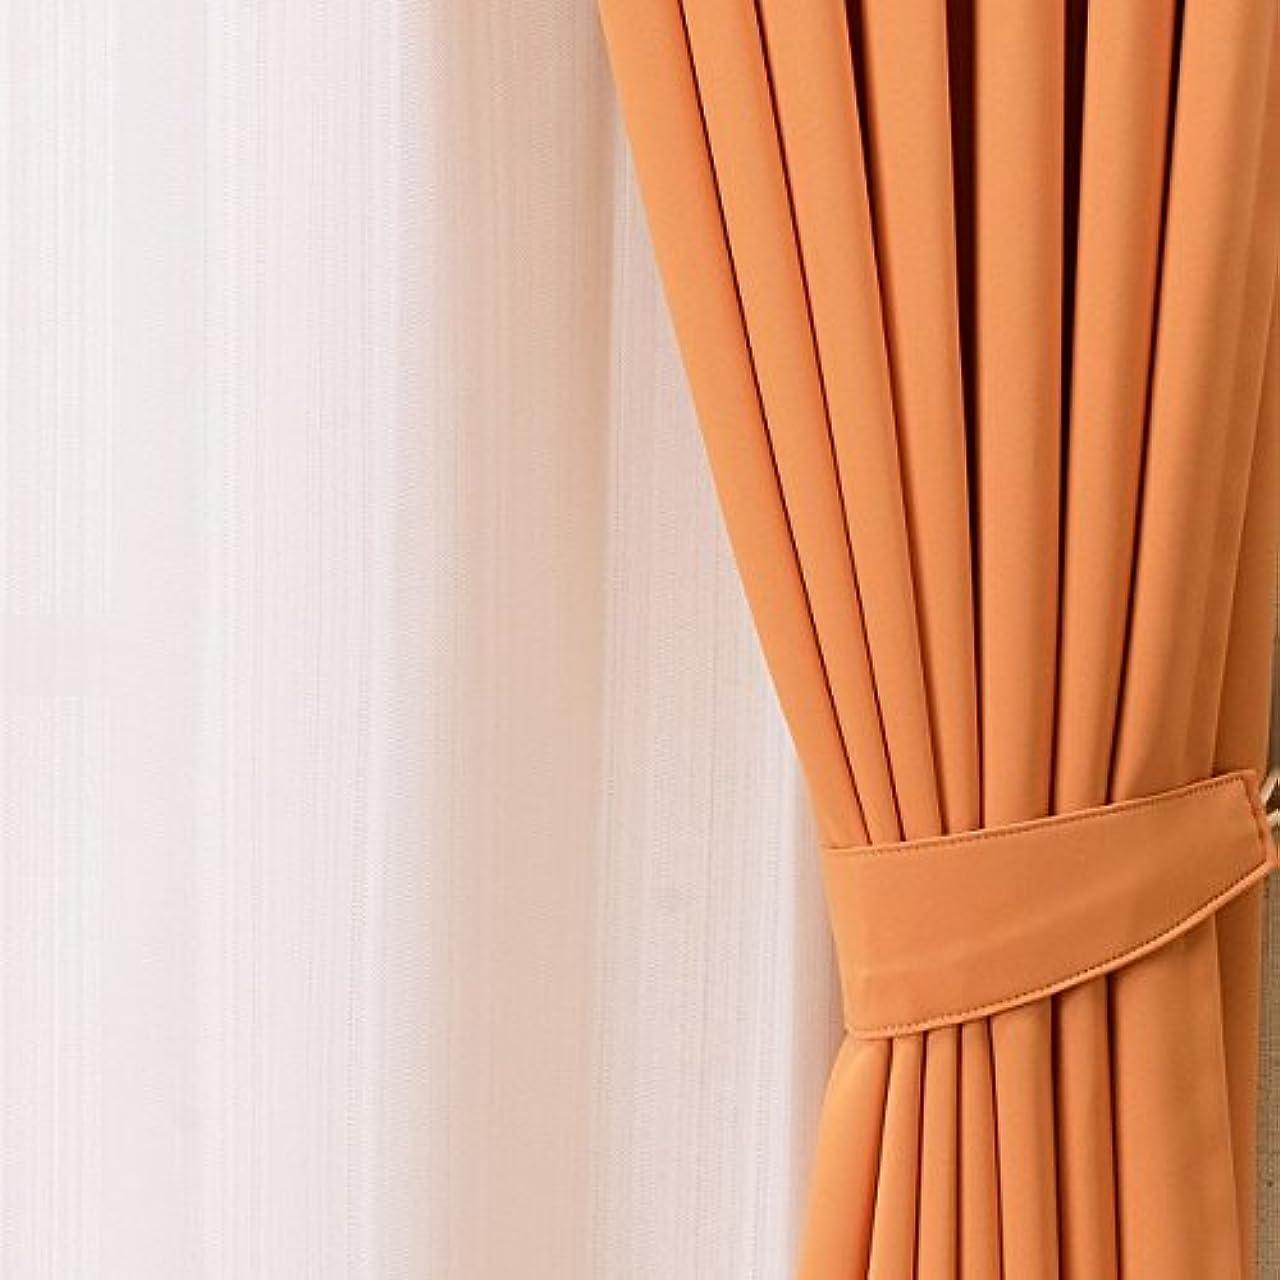 未払いペンフレンドうぬぼれたカーテンチアフル オーダーカーテン シエスタセット 色番:13オレンジ レース付き(遮光1級/防炎/ミラーレース/形態安定加工付):幅270cm×丈167cm 4枚セット